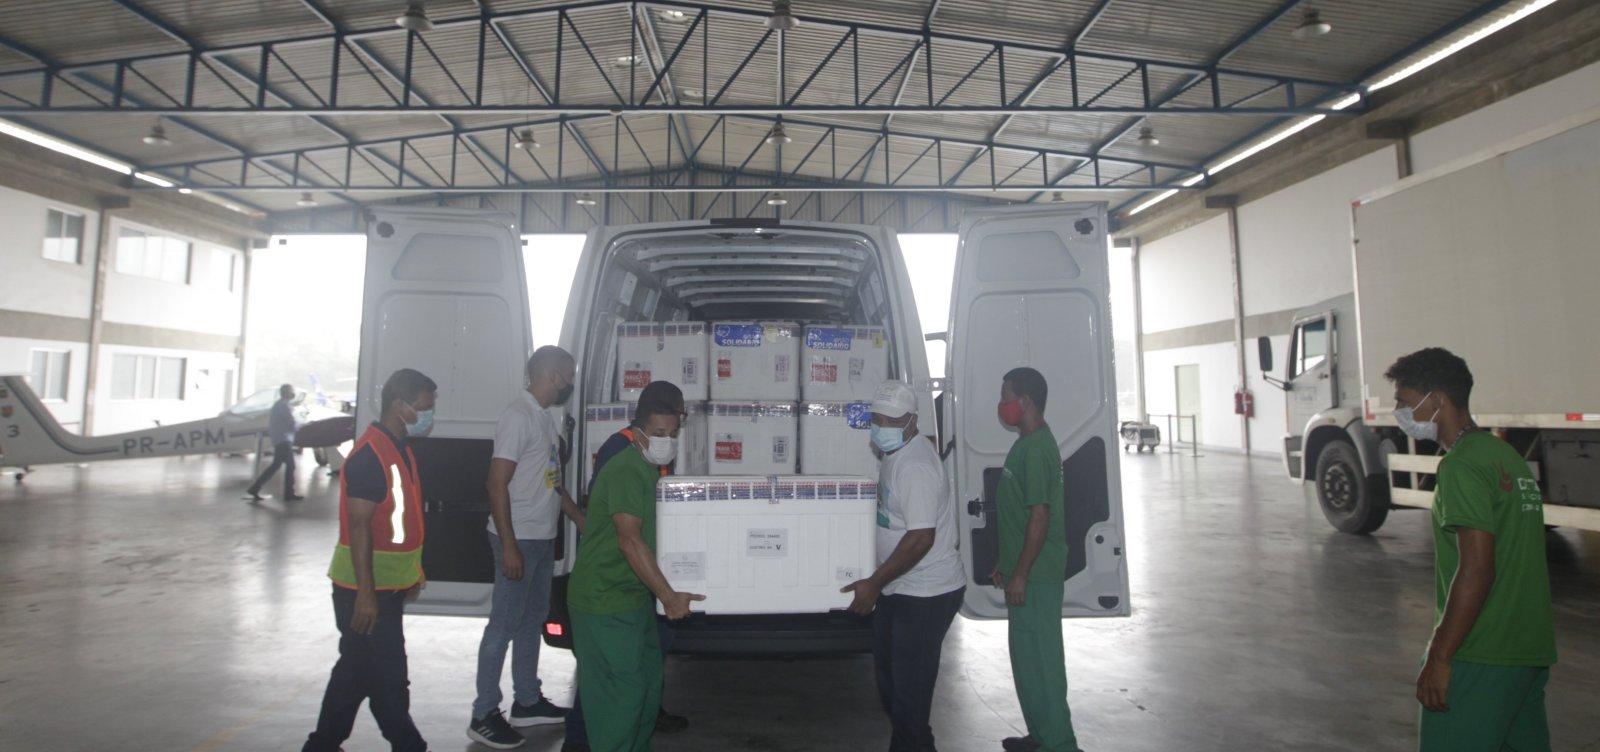 Nova remessa de vacinas contra Covid-19 chega à Bahia